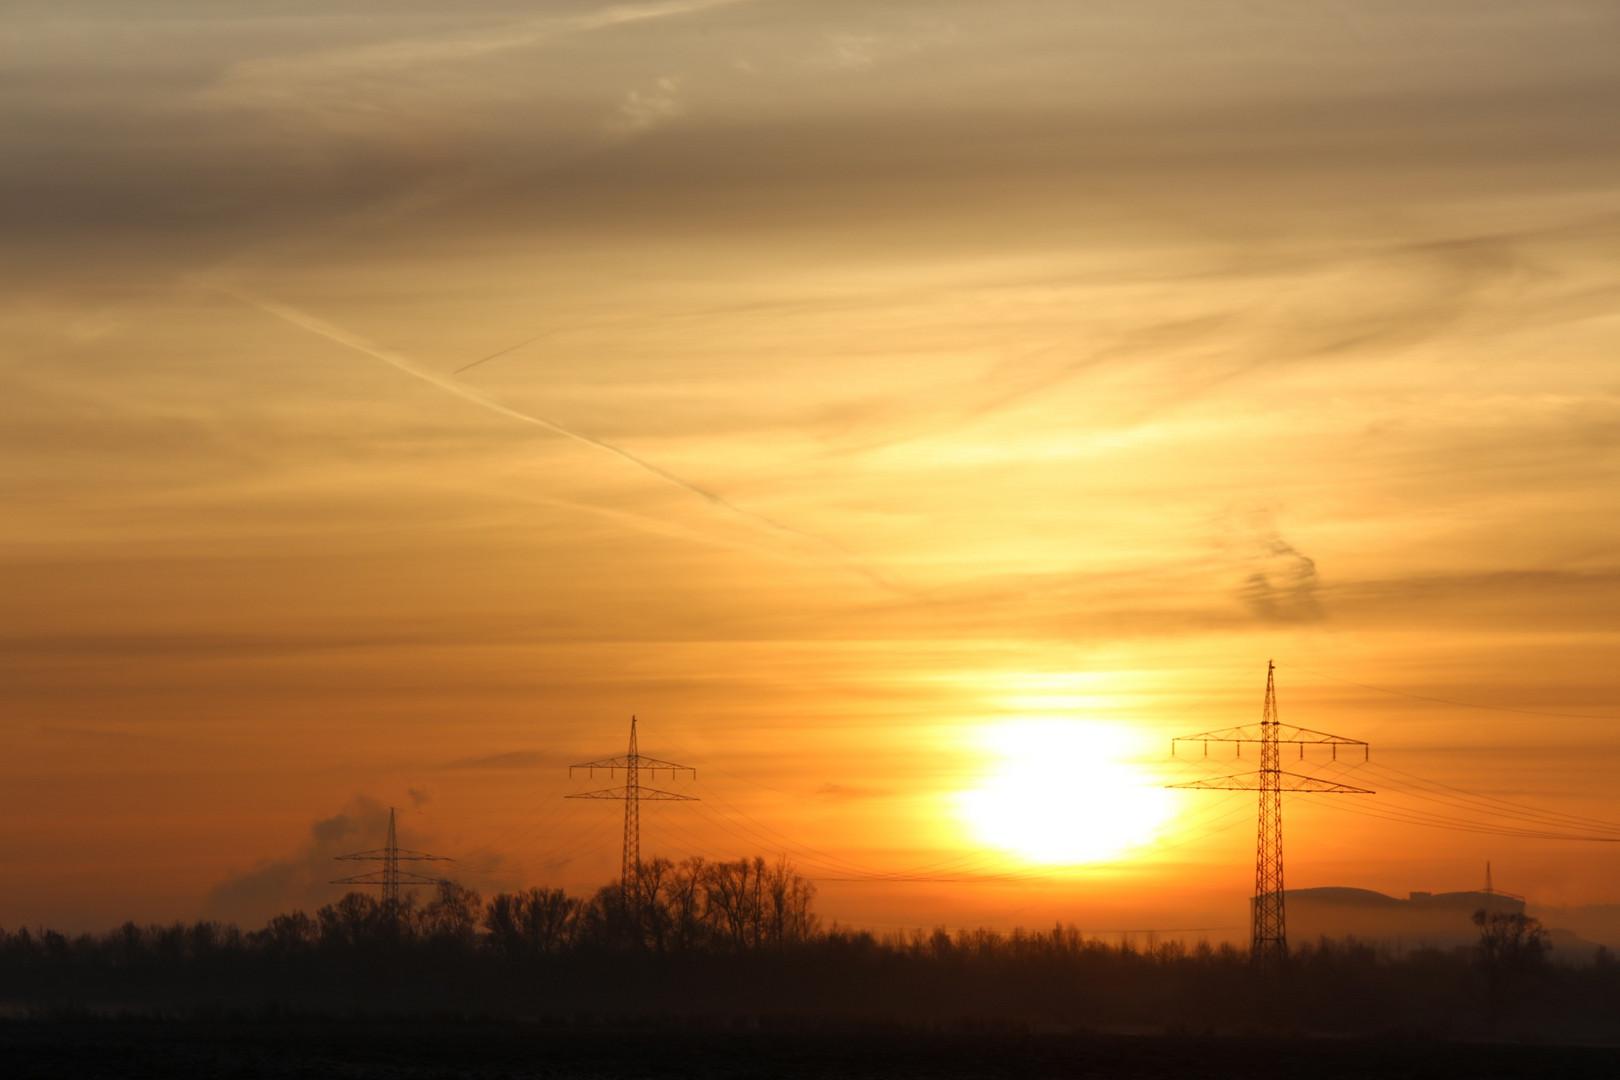 Sonnenaufgang über Zeil am Main!